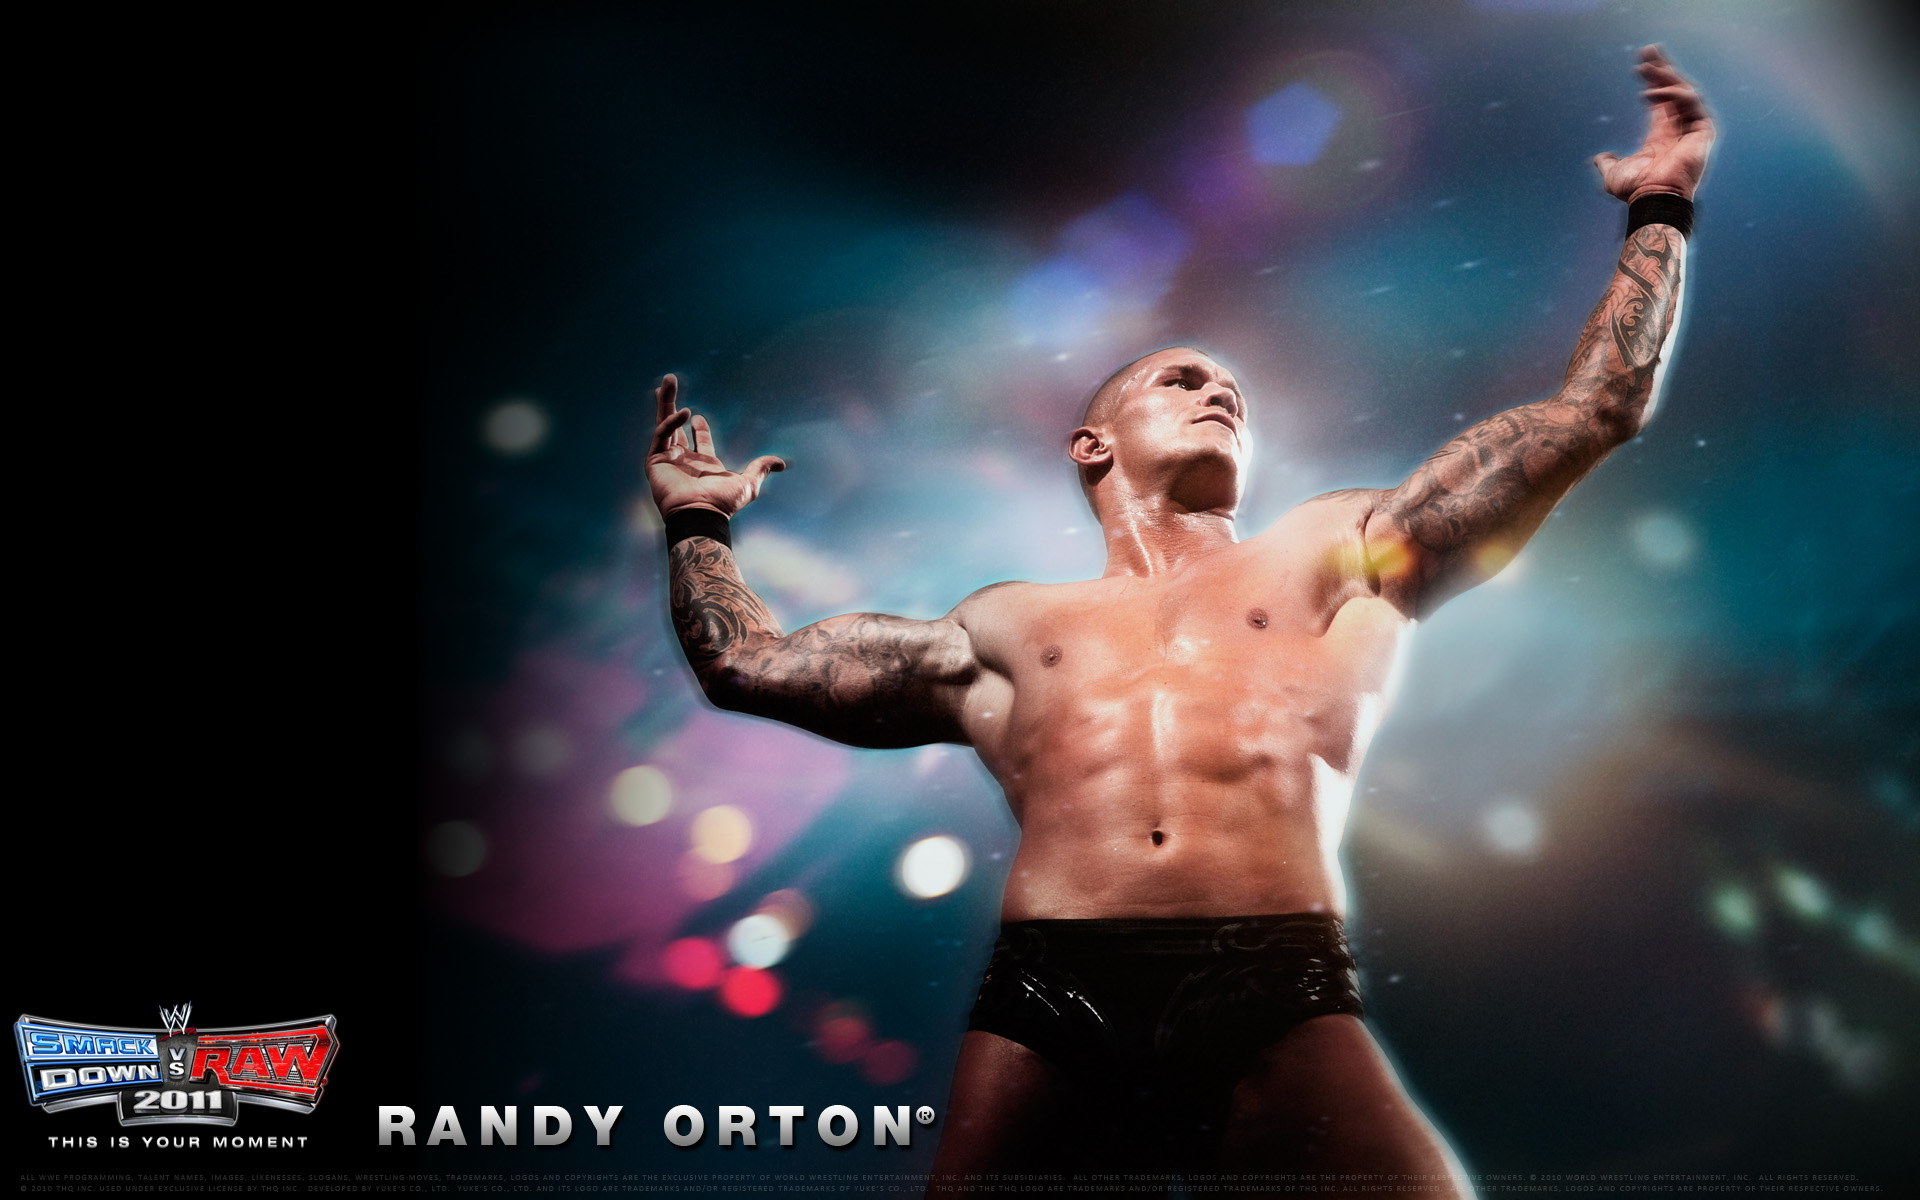 Randy Orton Wallpaper 2011 wallpaper   239976 1920x1200